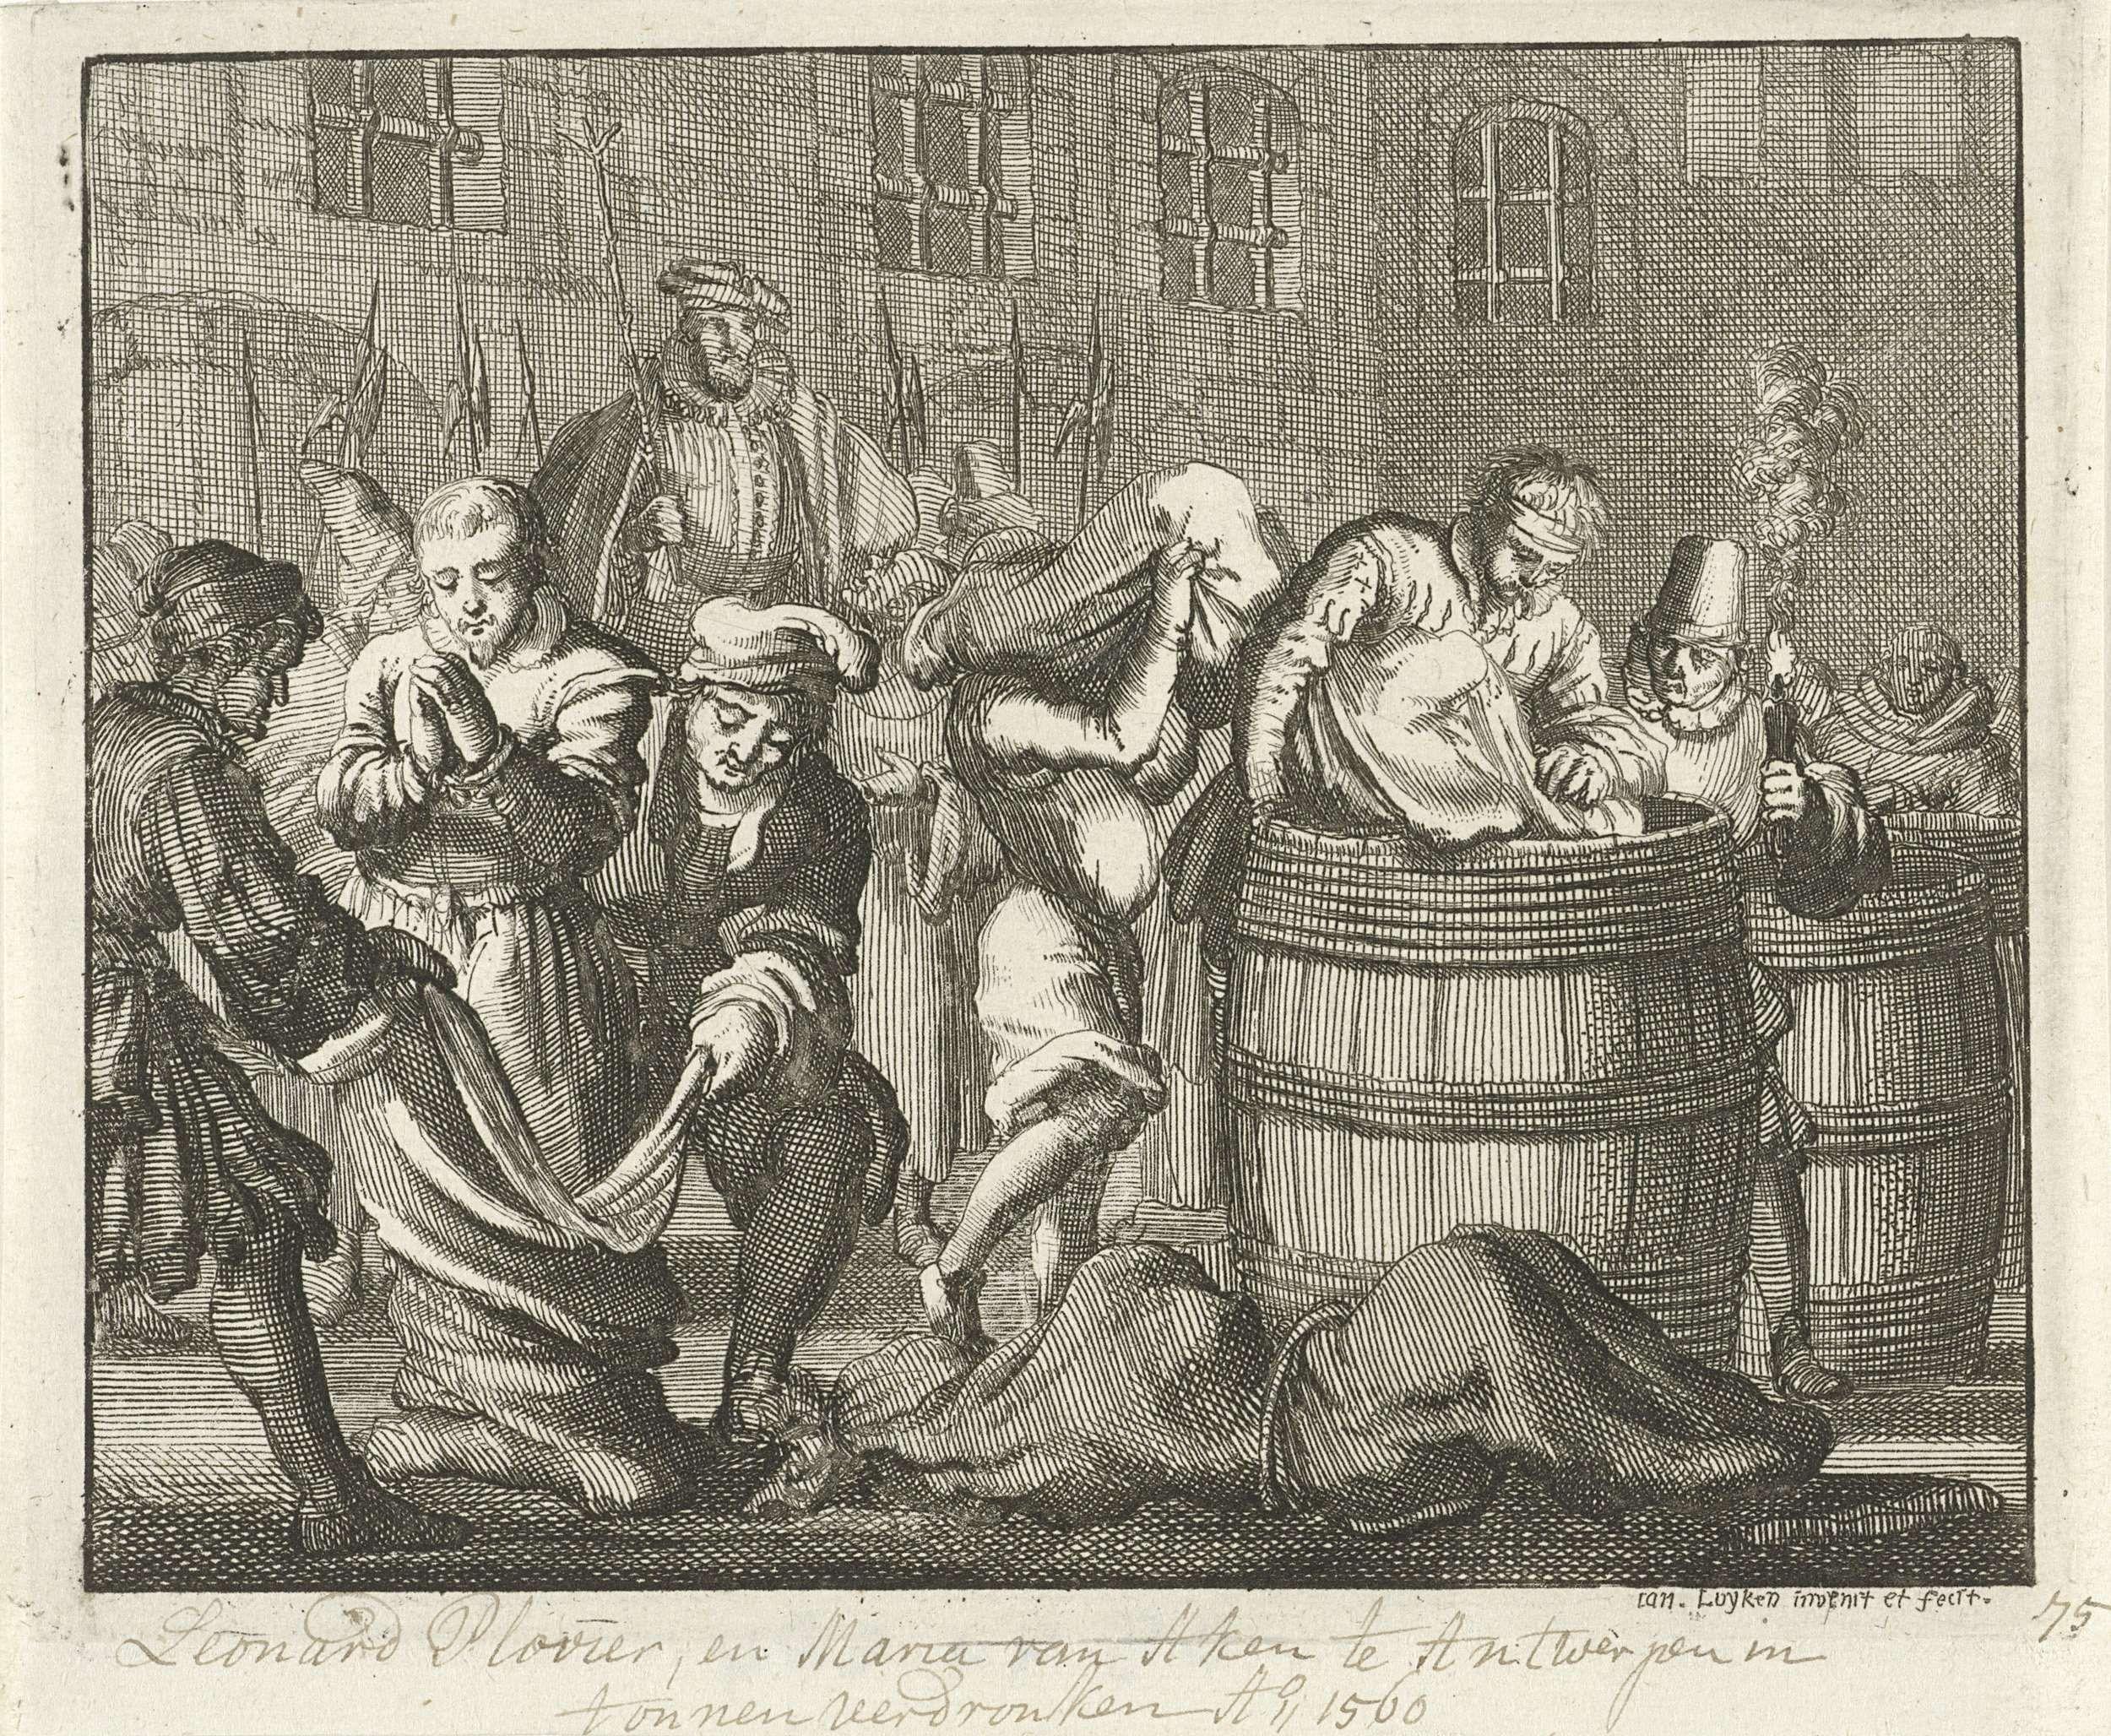 Jan Luyken | Leonard Plovier en twee meisjes te Antwerpen in vaten verdronken, 1560, Jan Luyken, 1685 |